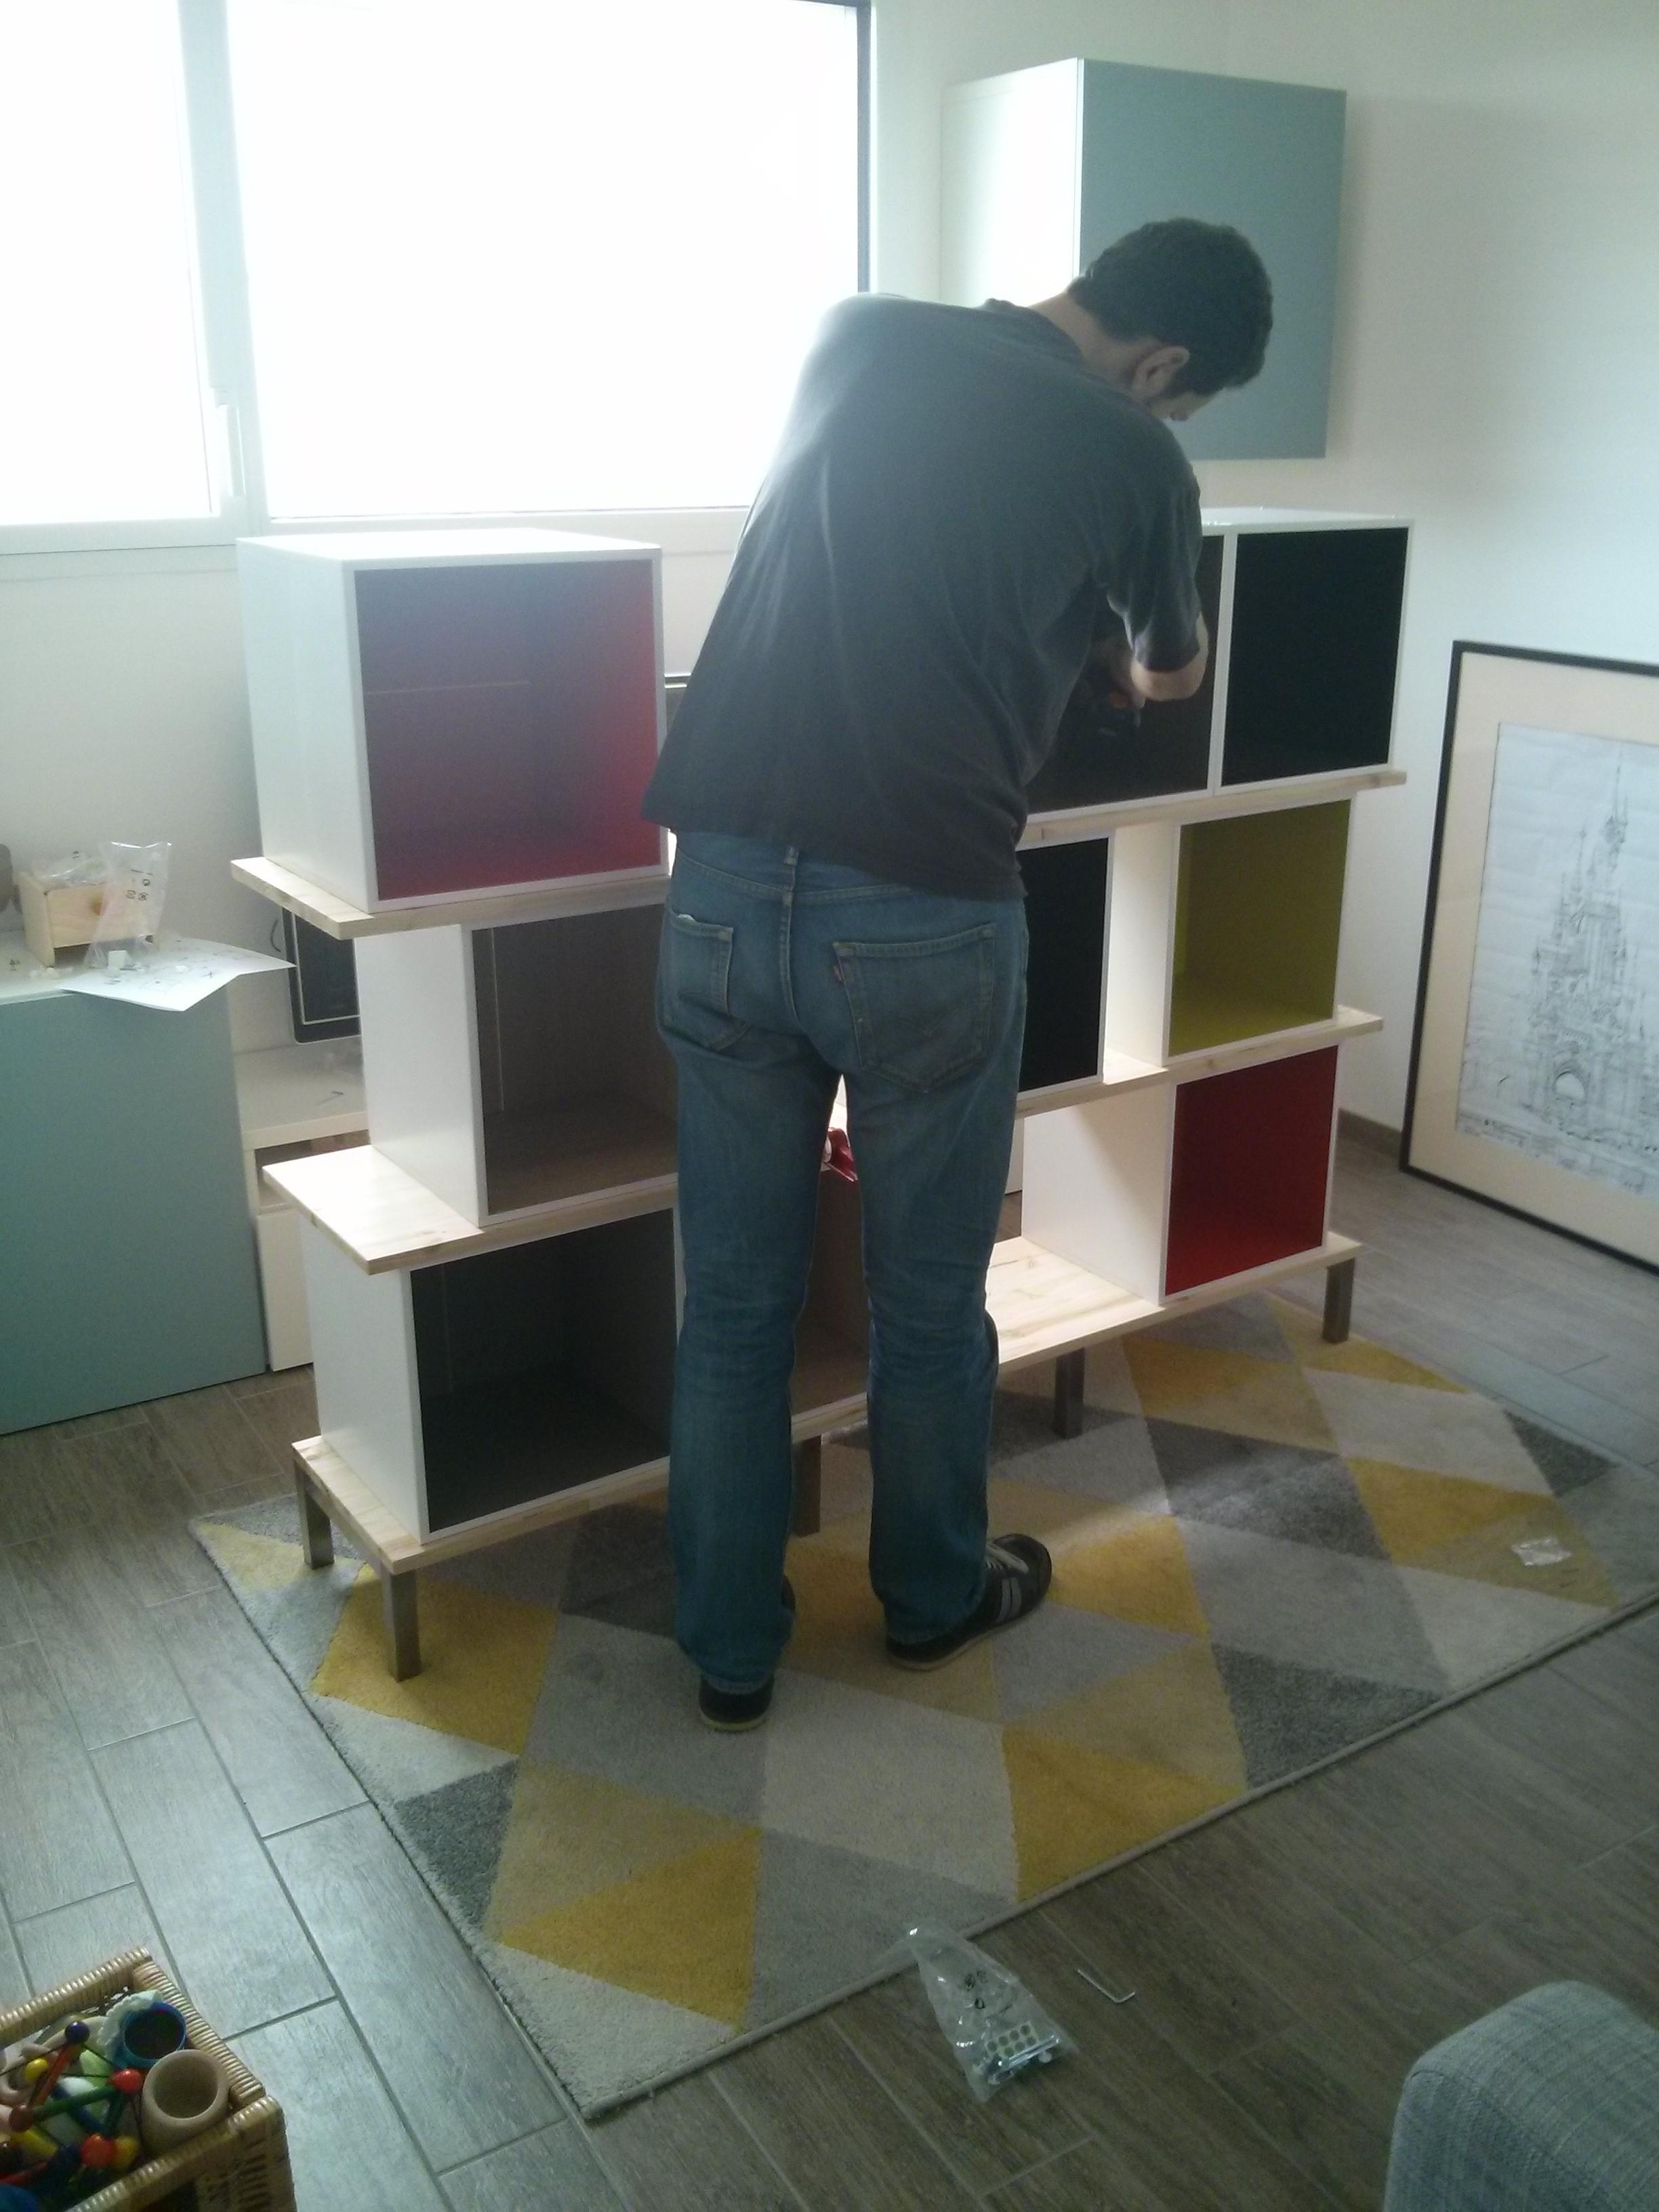 Biblioth que multikaz en cubes multicolore notre maison rt2012 par trecobat - Bibliotheque cube ikea ...